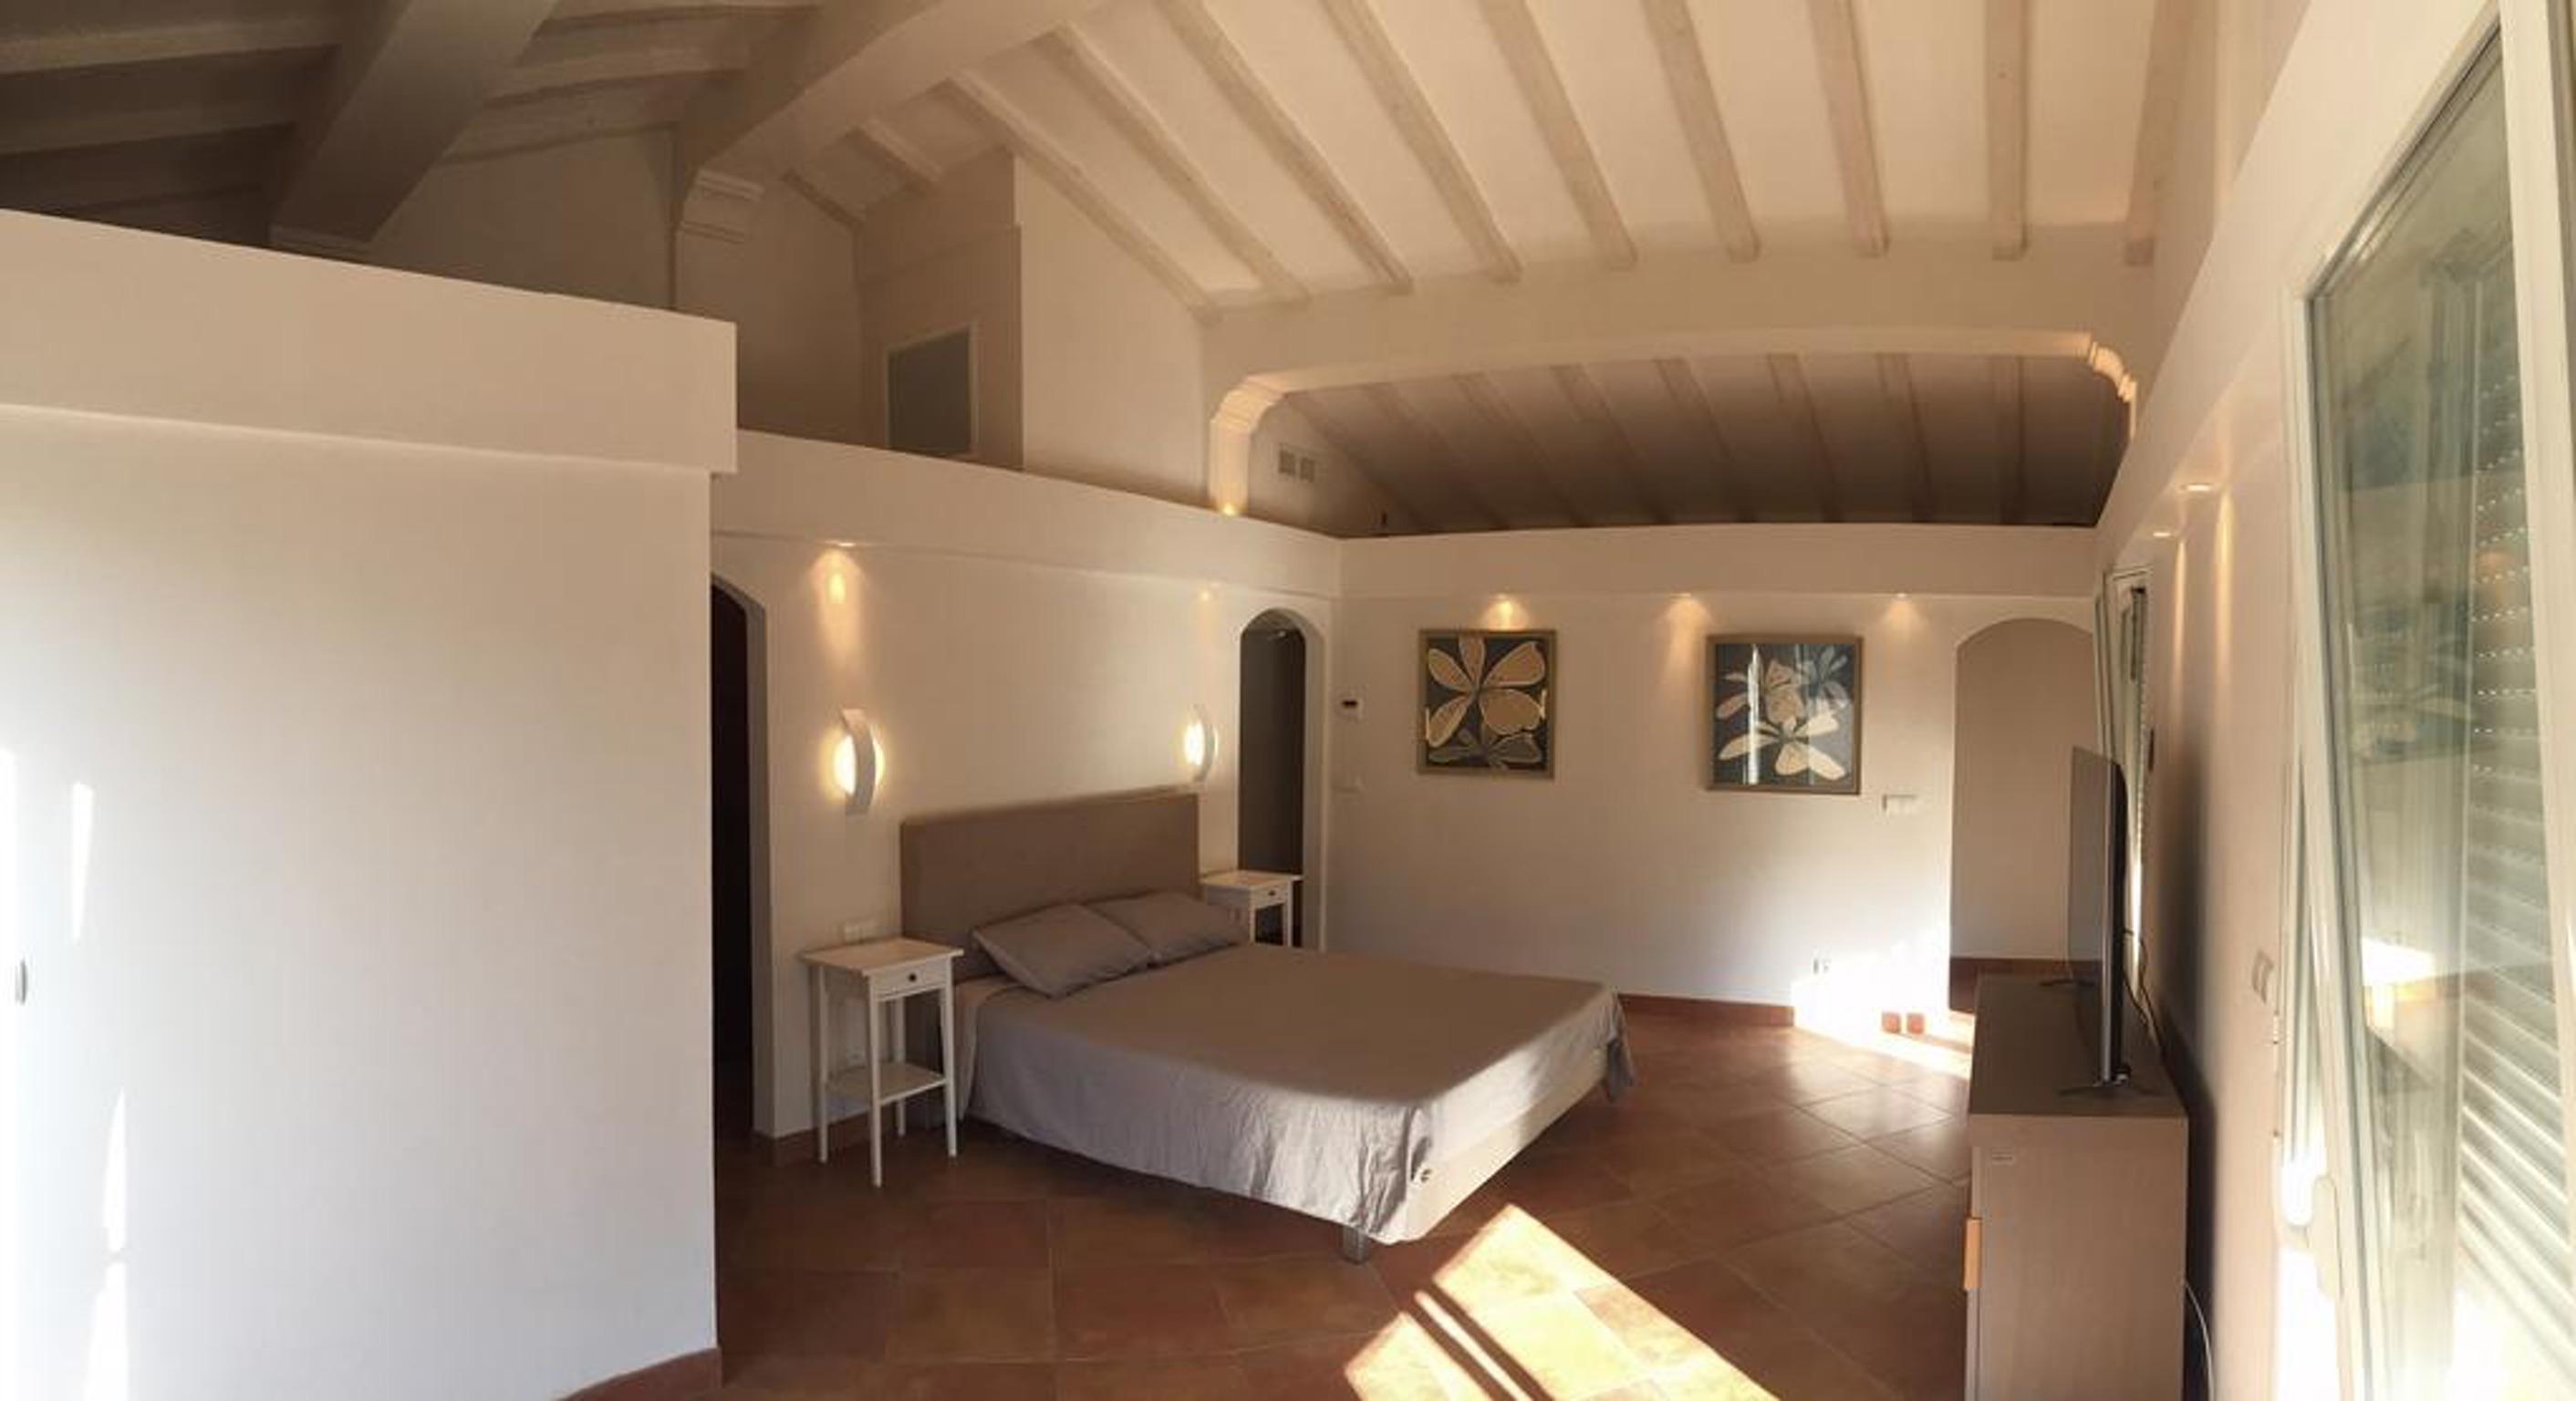 Maison de vacances Villa mit 5 Schlafzimmern in Rayol-Canadel-sur-Mer mit toller Aussicht auf die Berge, priv (2201555), Le Lavandou, Côte d'Azur, Provence - Alpes - Côte d'Azur, France, image 18